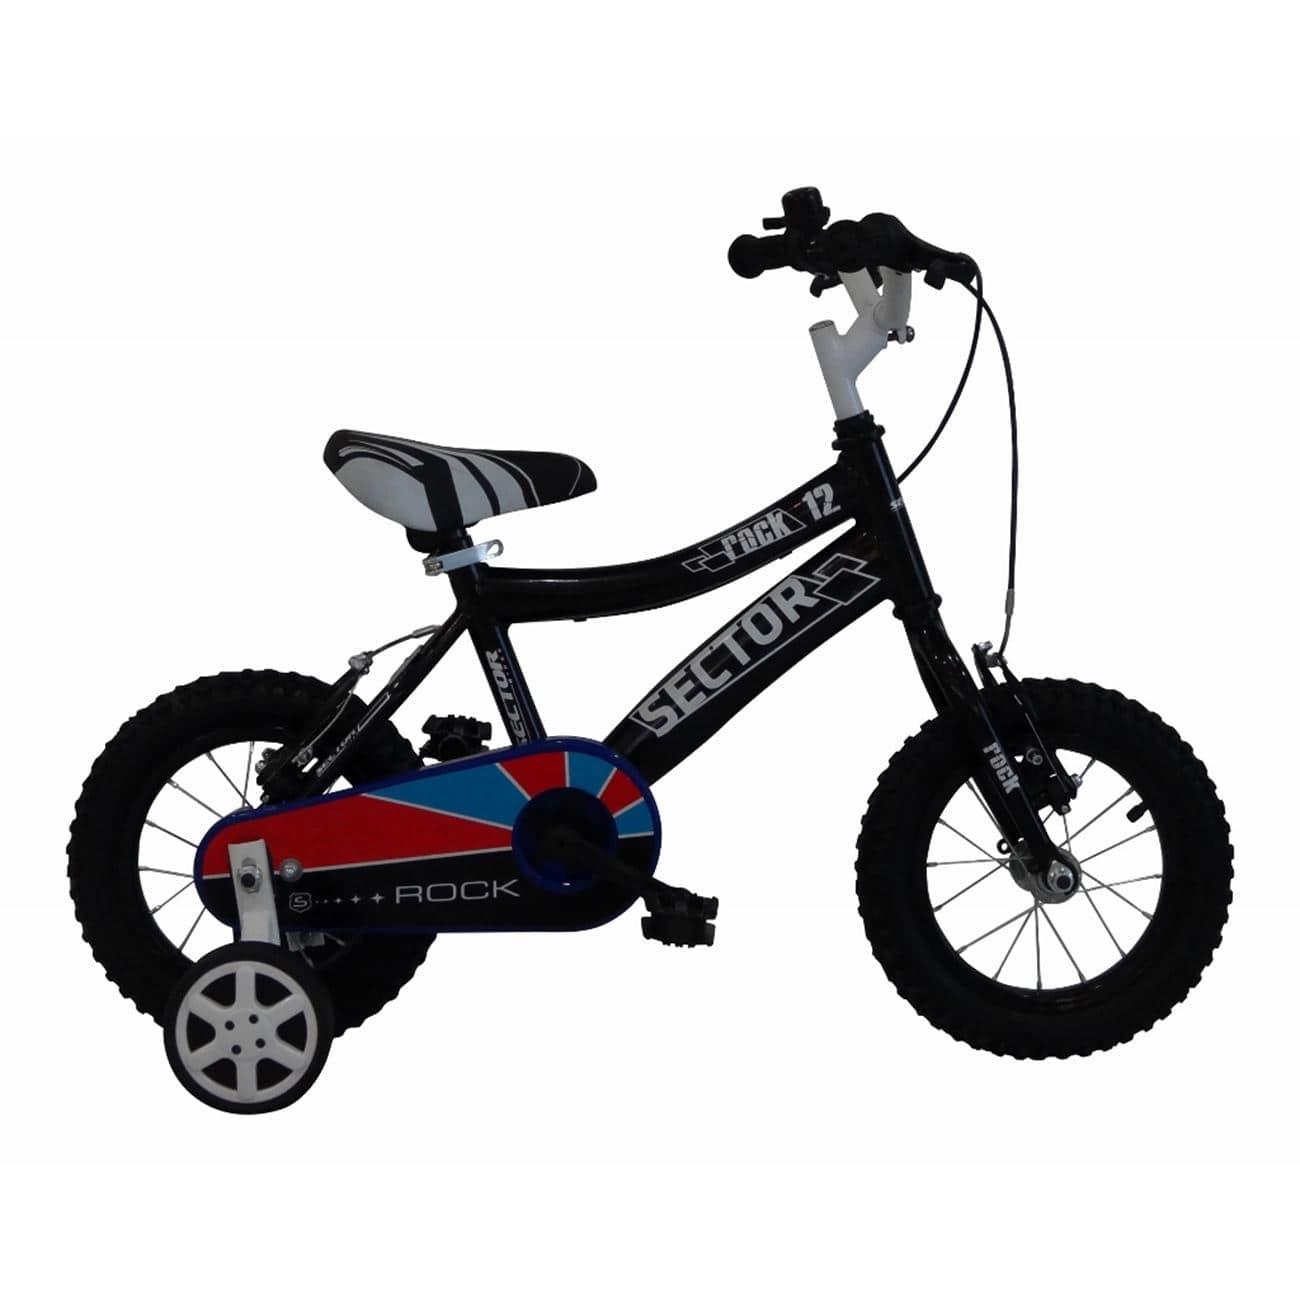 """Παιδικό Ποδήλατο Sector Rock 12"""""""